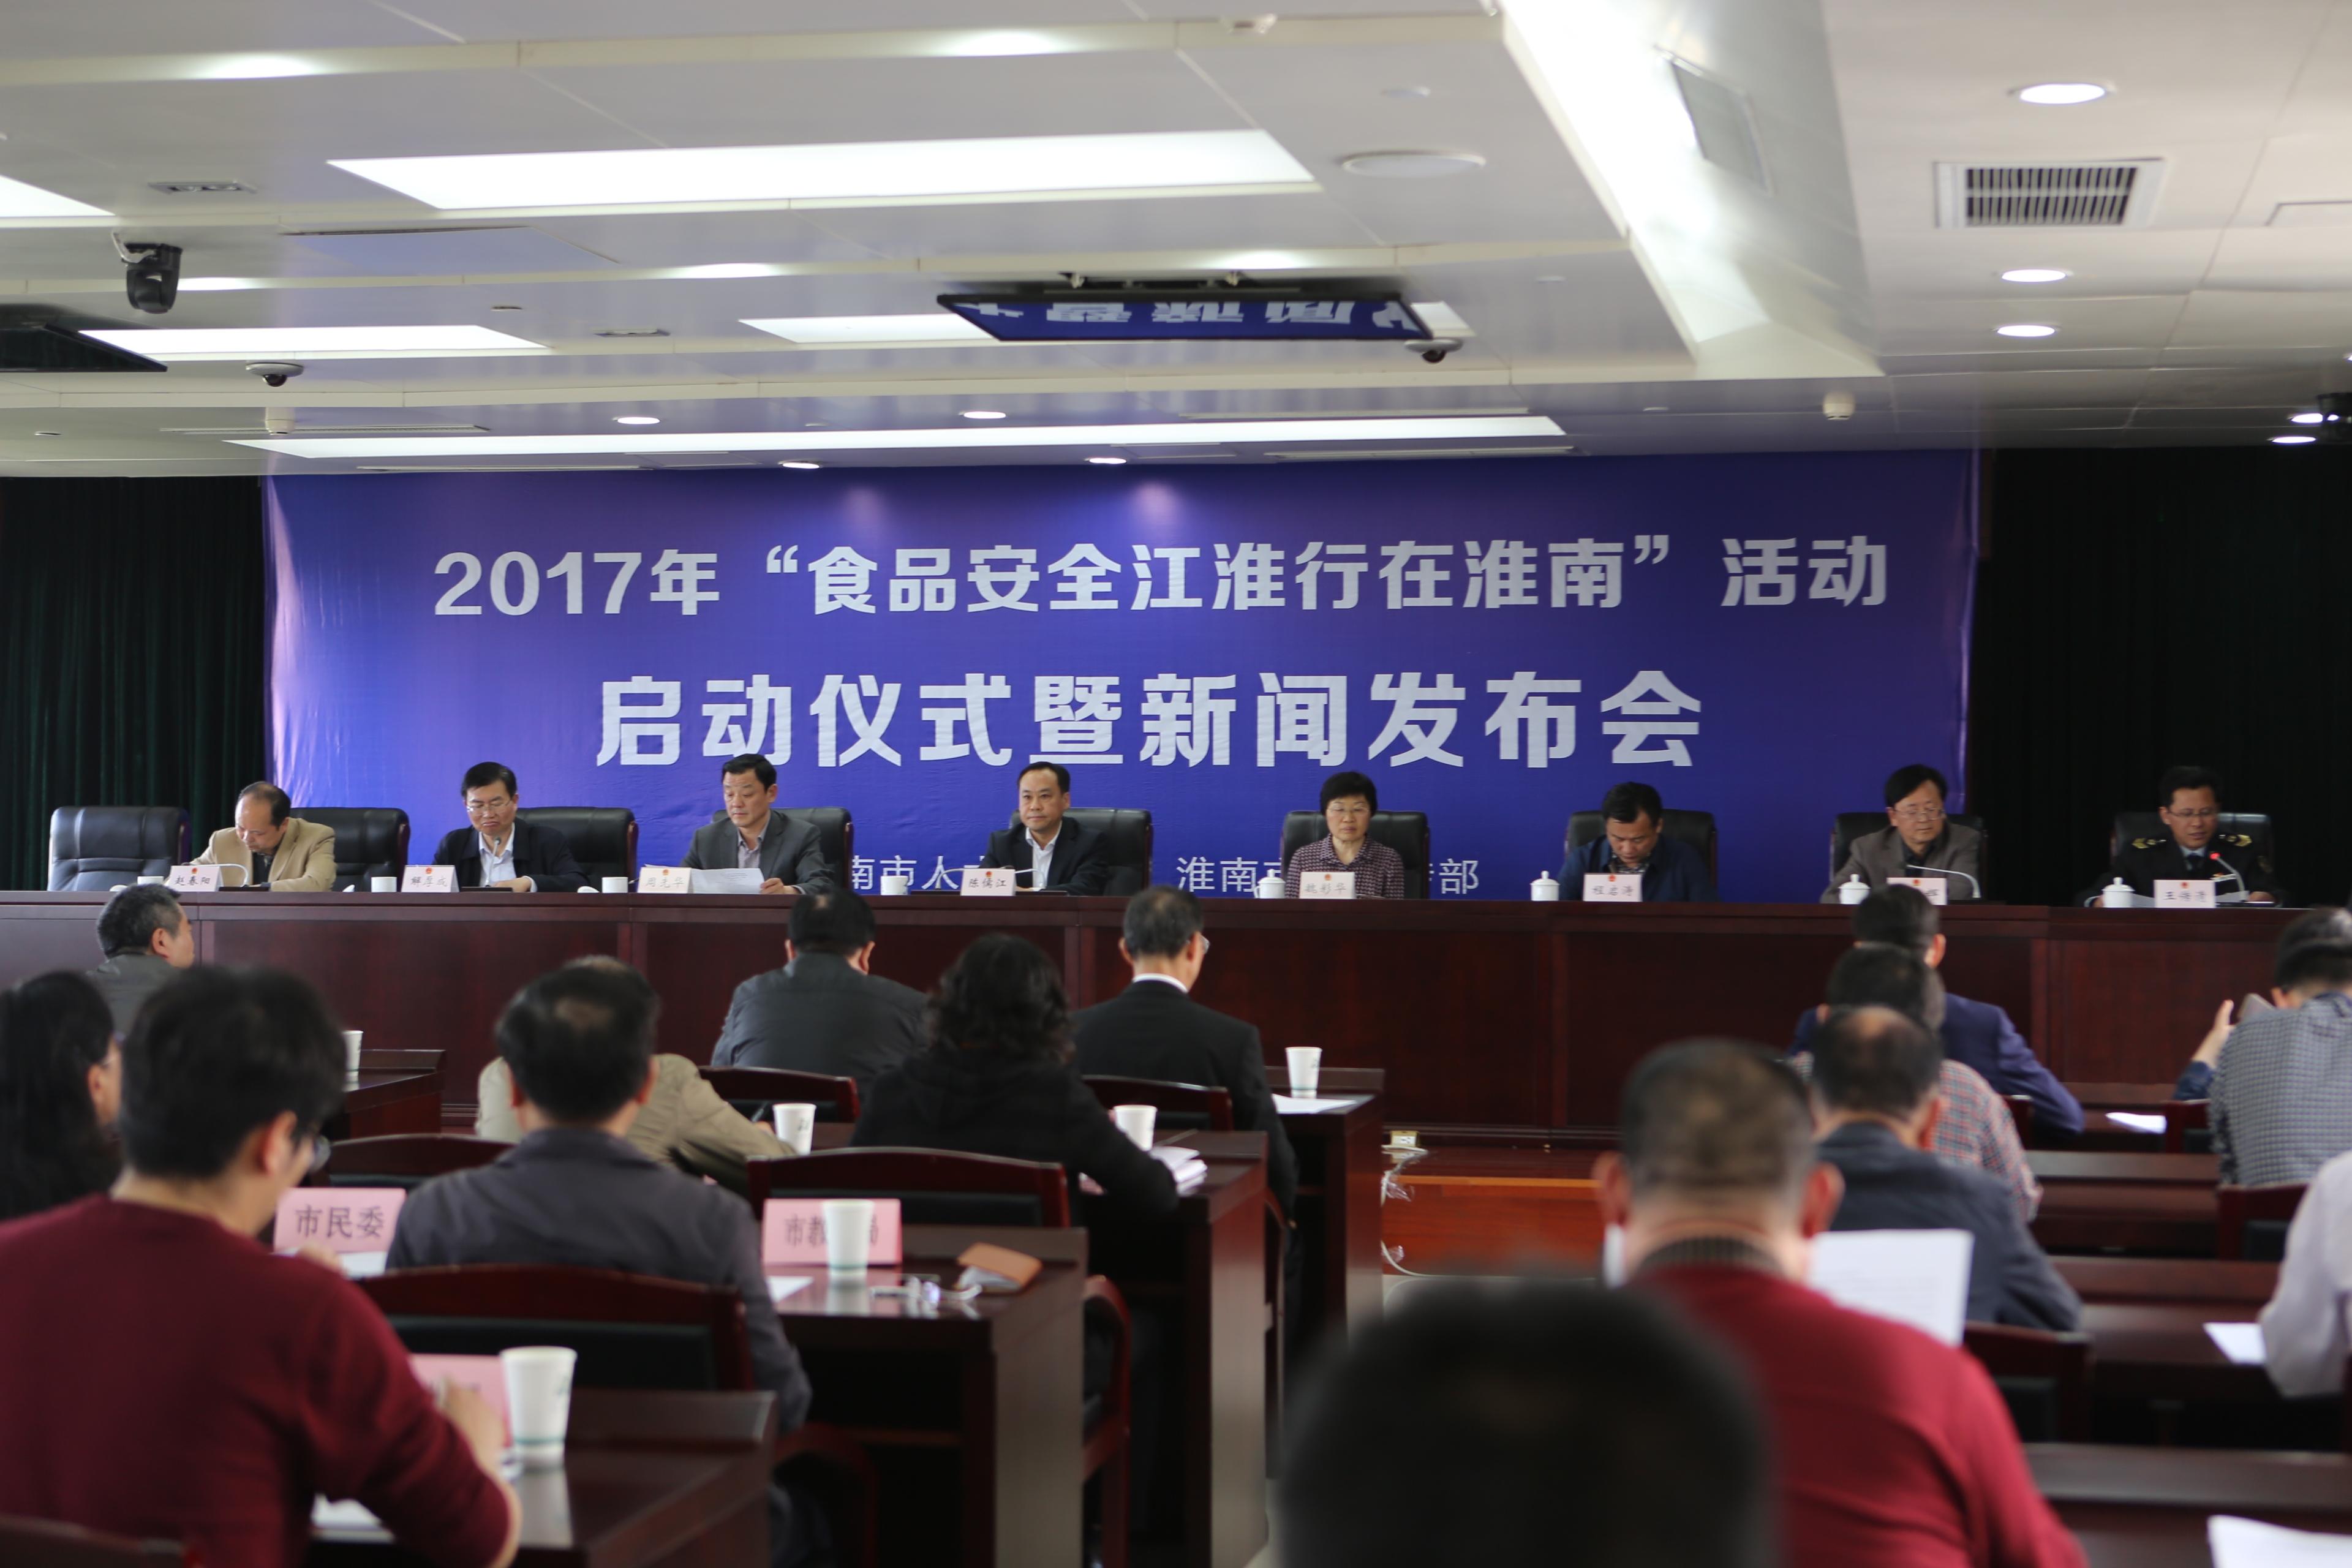 2017年食品安全江淮行在淮南活动启动